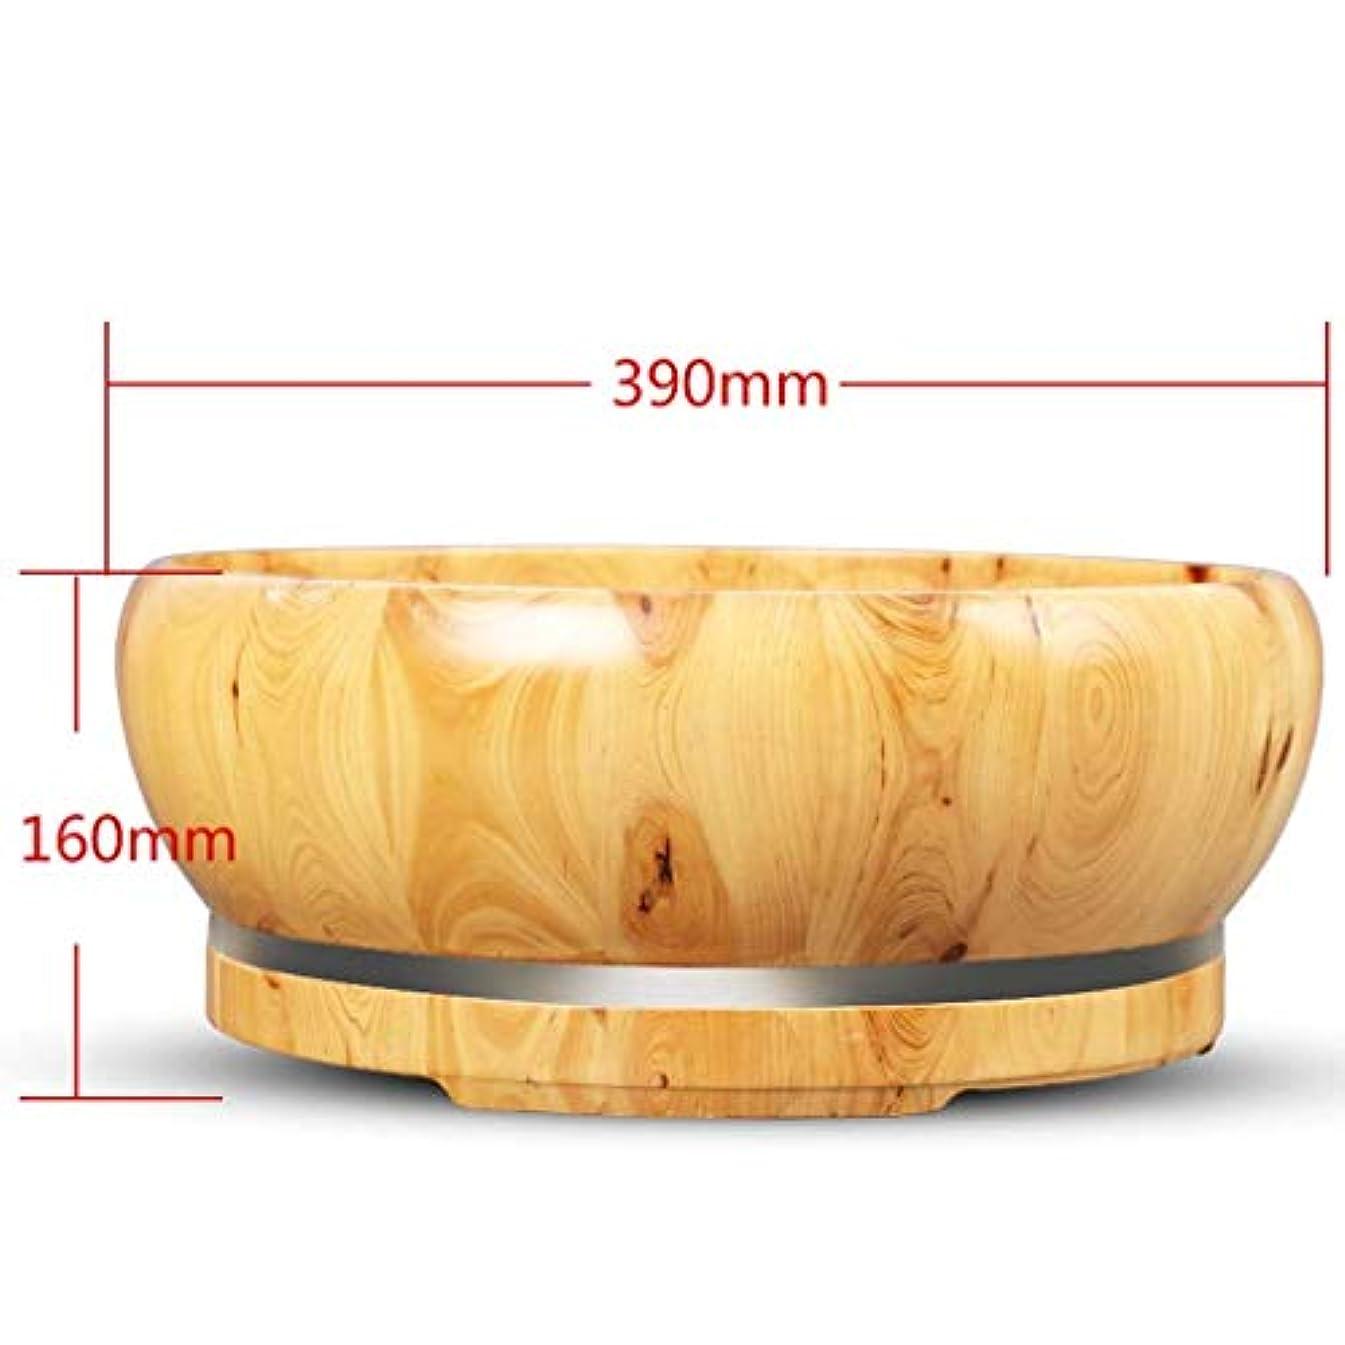 反映する専ら小間ス浴槽 フットスパ浴槽、木製フットバスボウル家庭用洗面器Fu蒸バレルフットケア浴槽バケットペディキュア肥厚断熱ボウル美容 (Color : Cedar B)